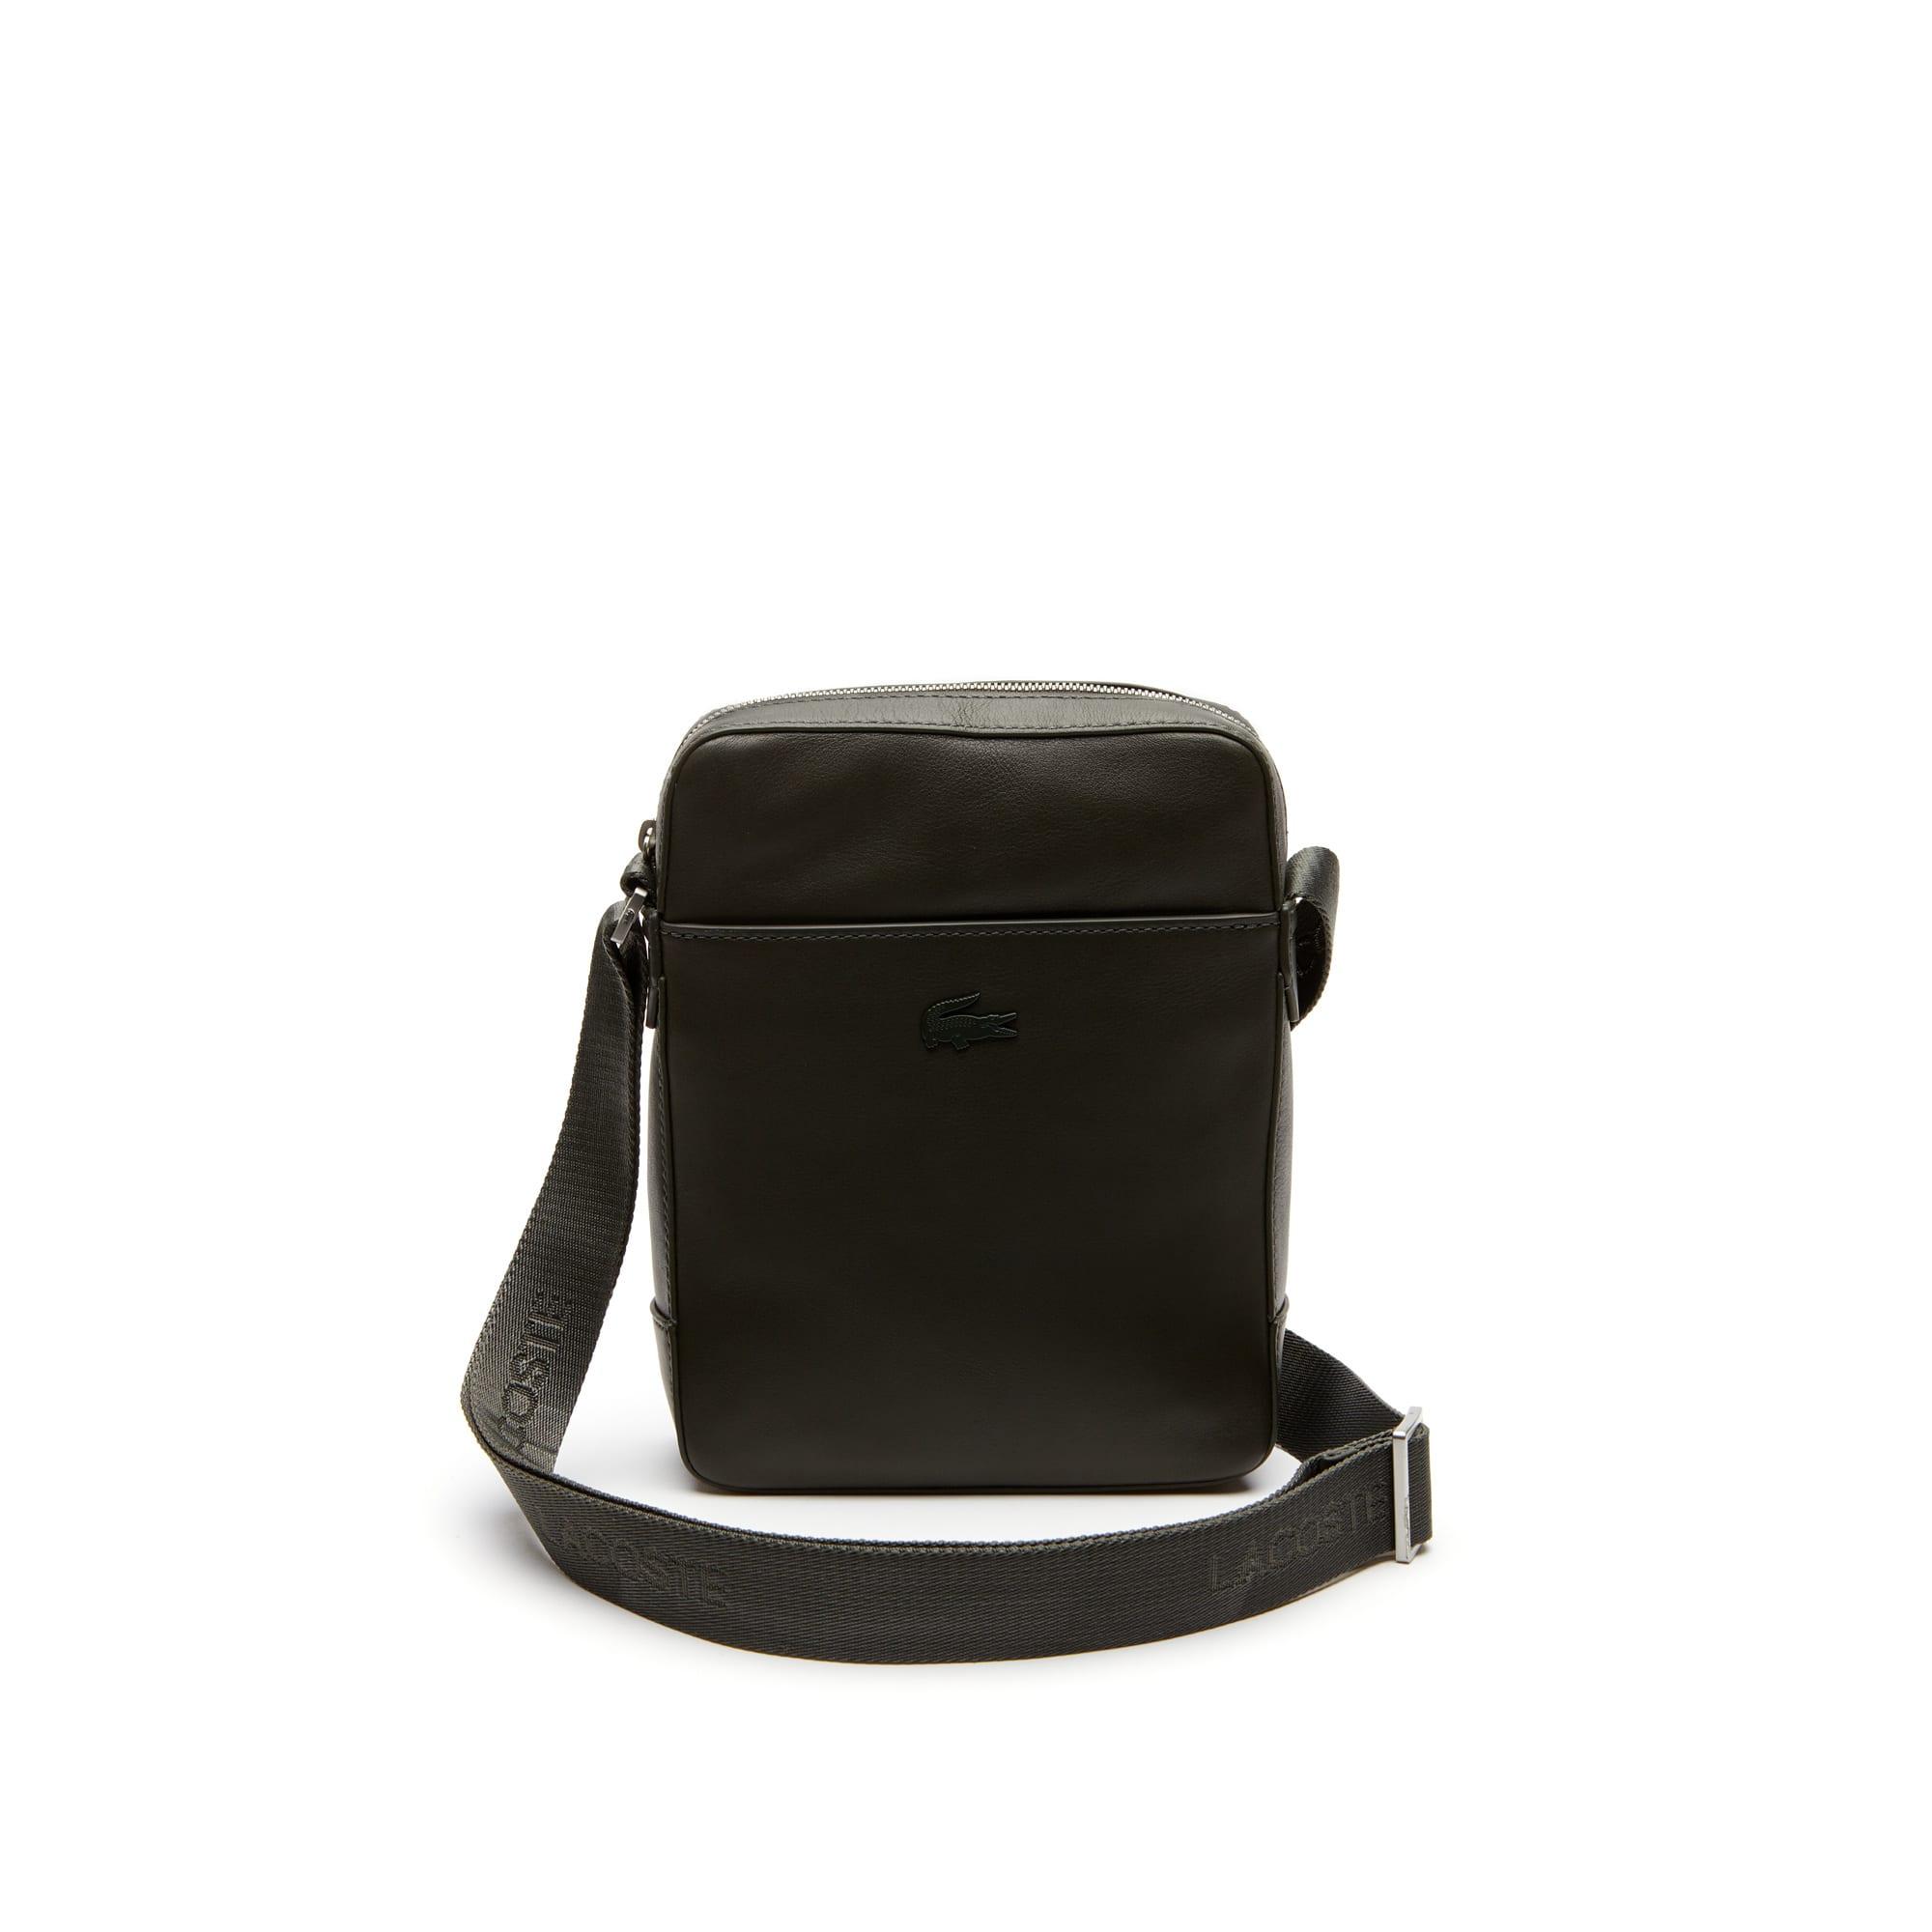 Herren-Tasche FULL ACE aus weichem Leder